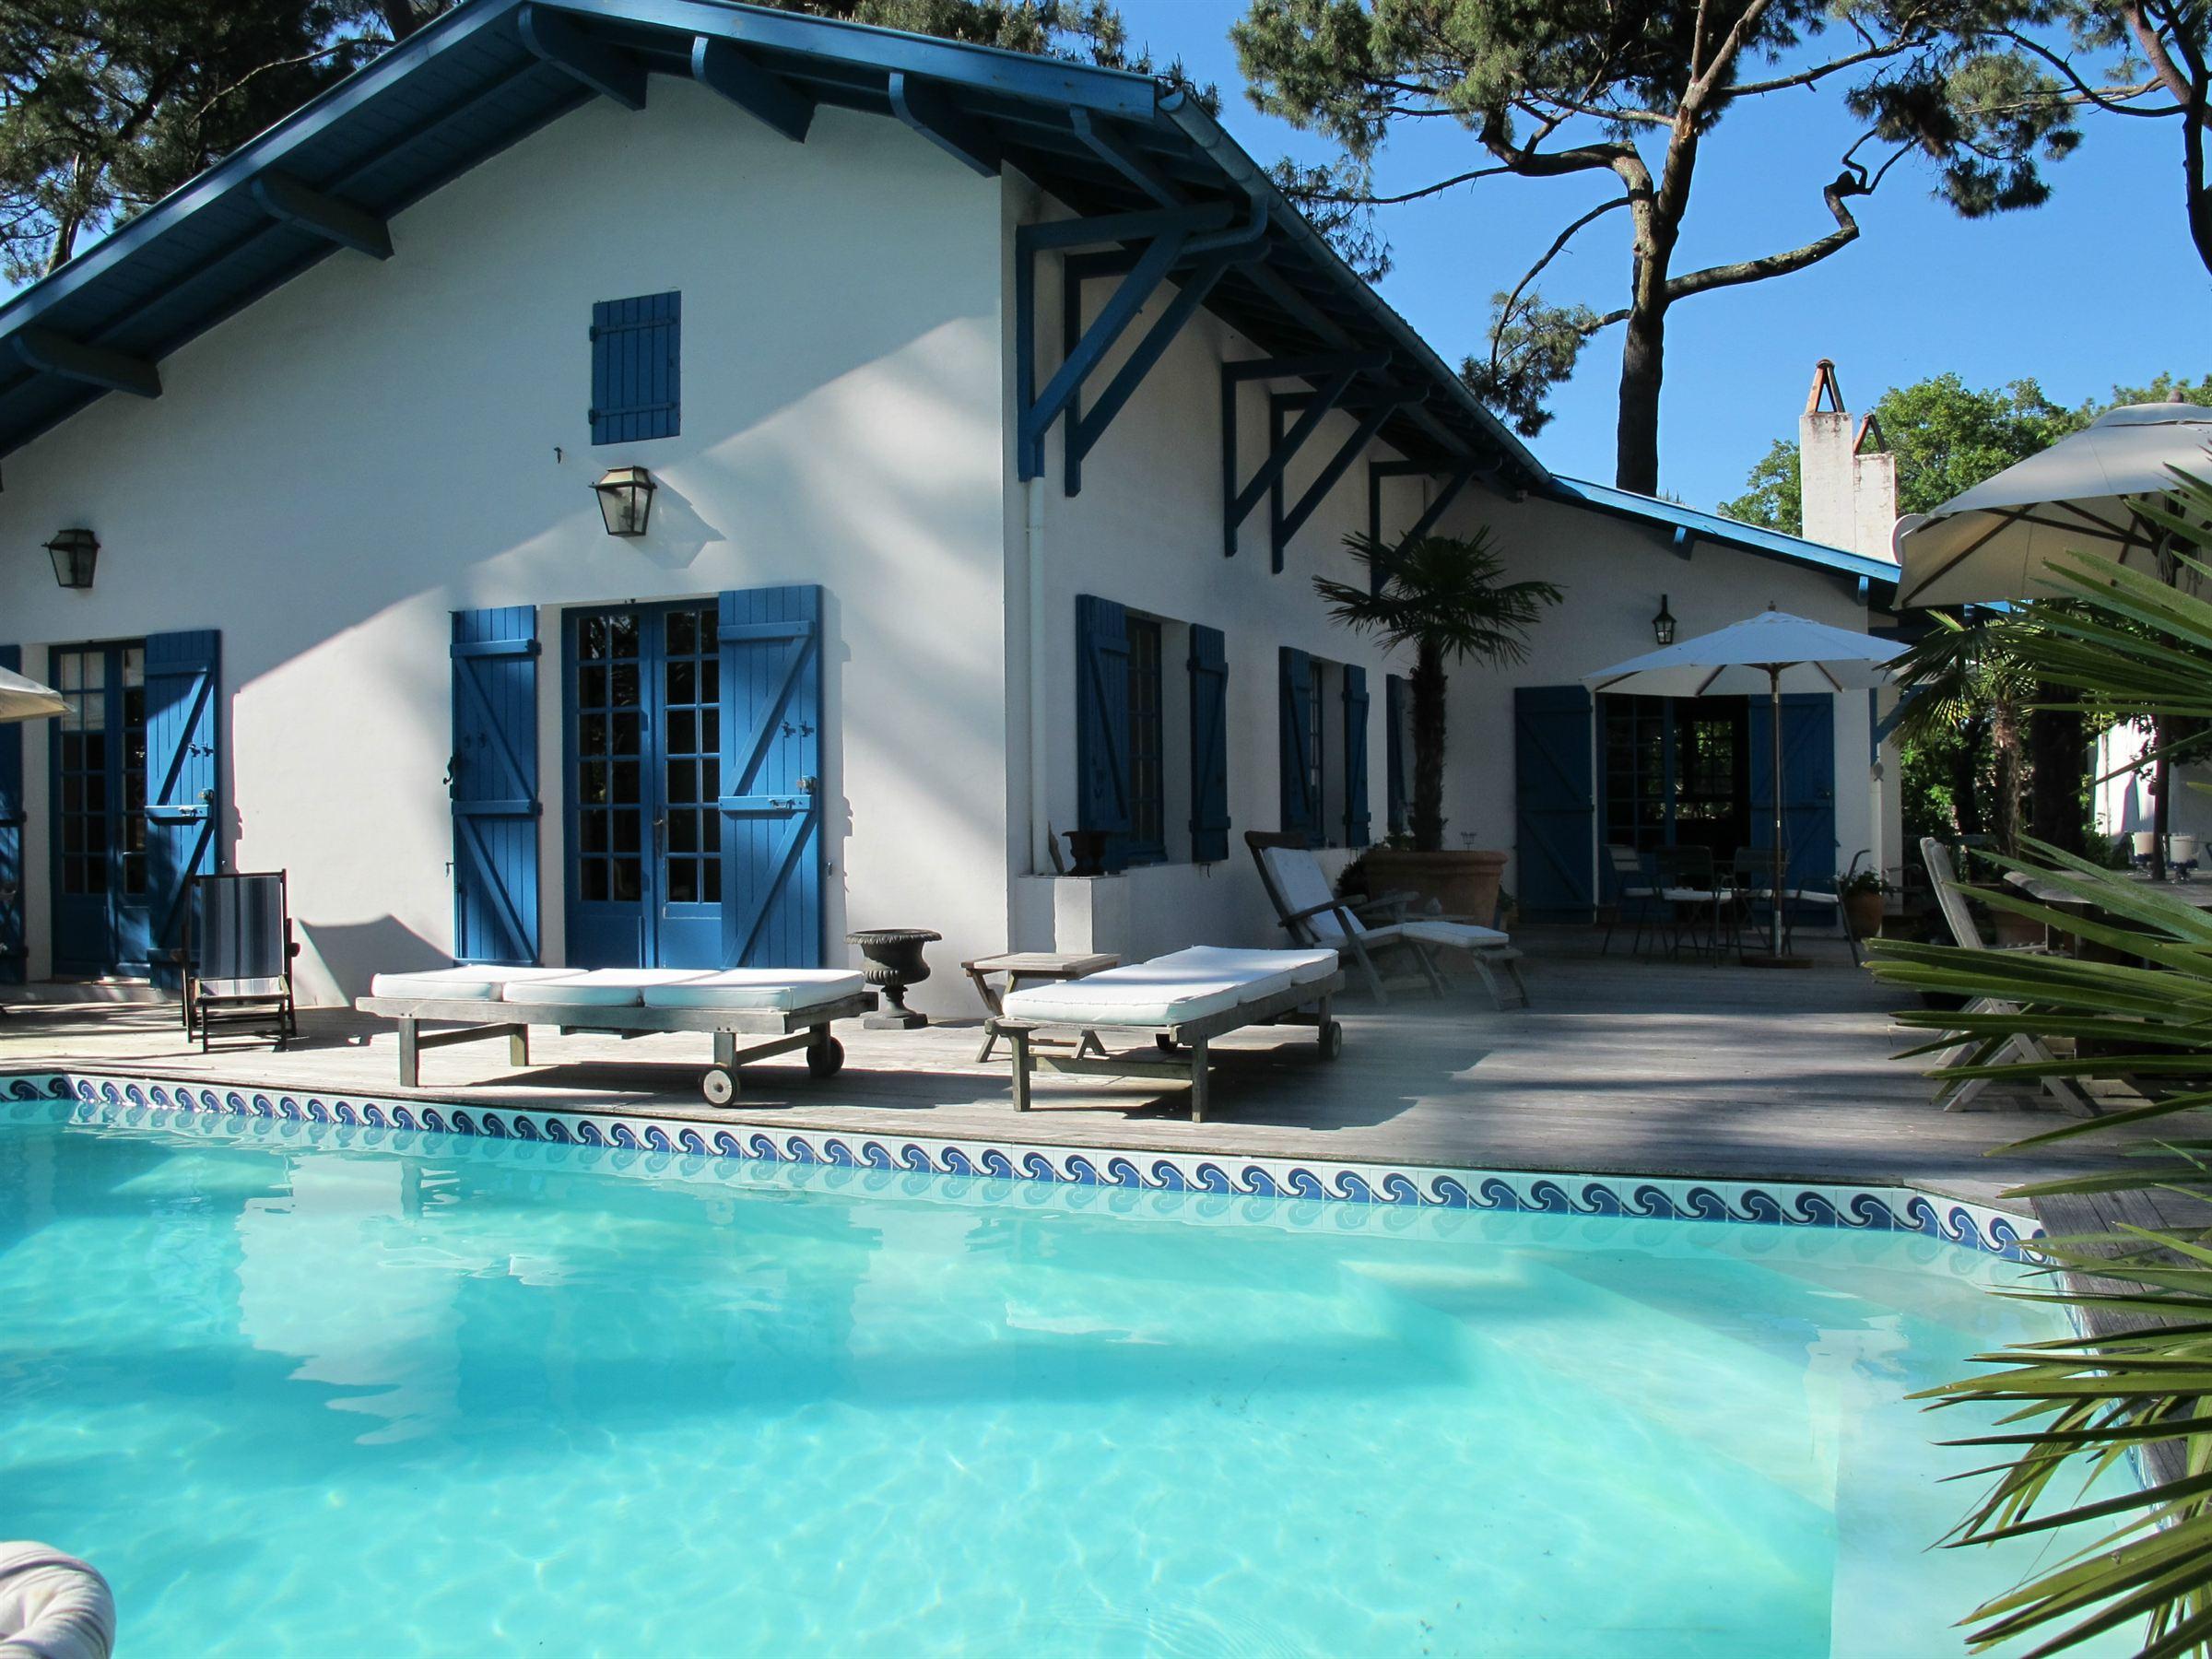 Property For Sale at Pyla Sur Mer - Villa de caractère proche Dune